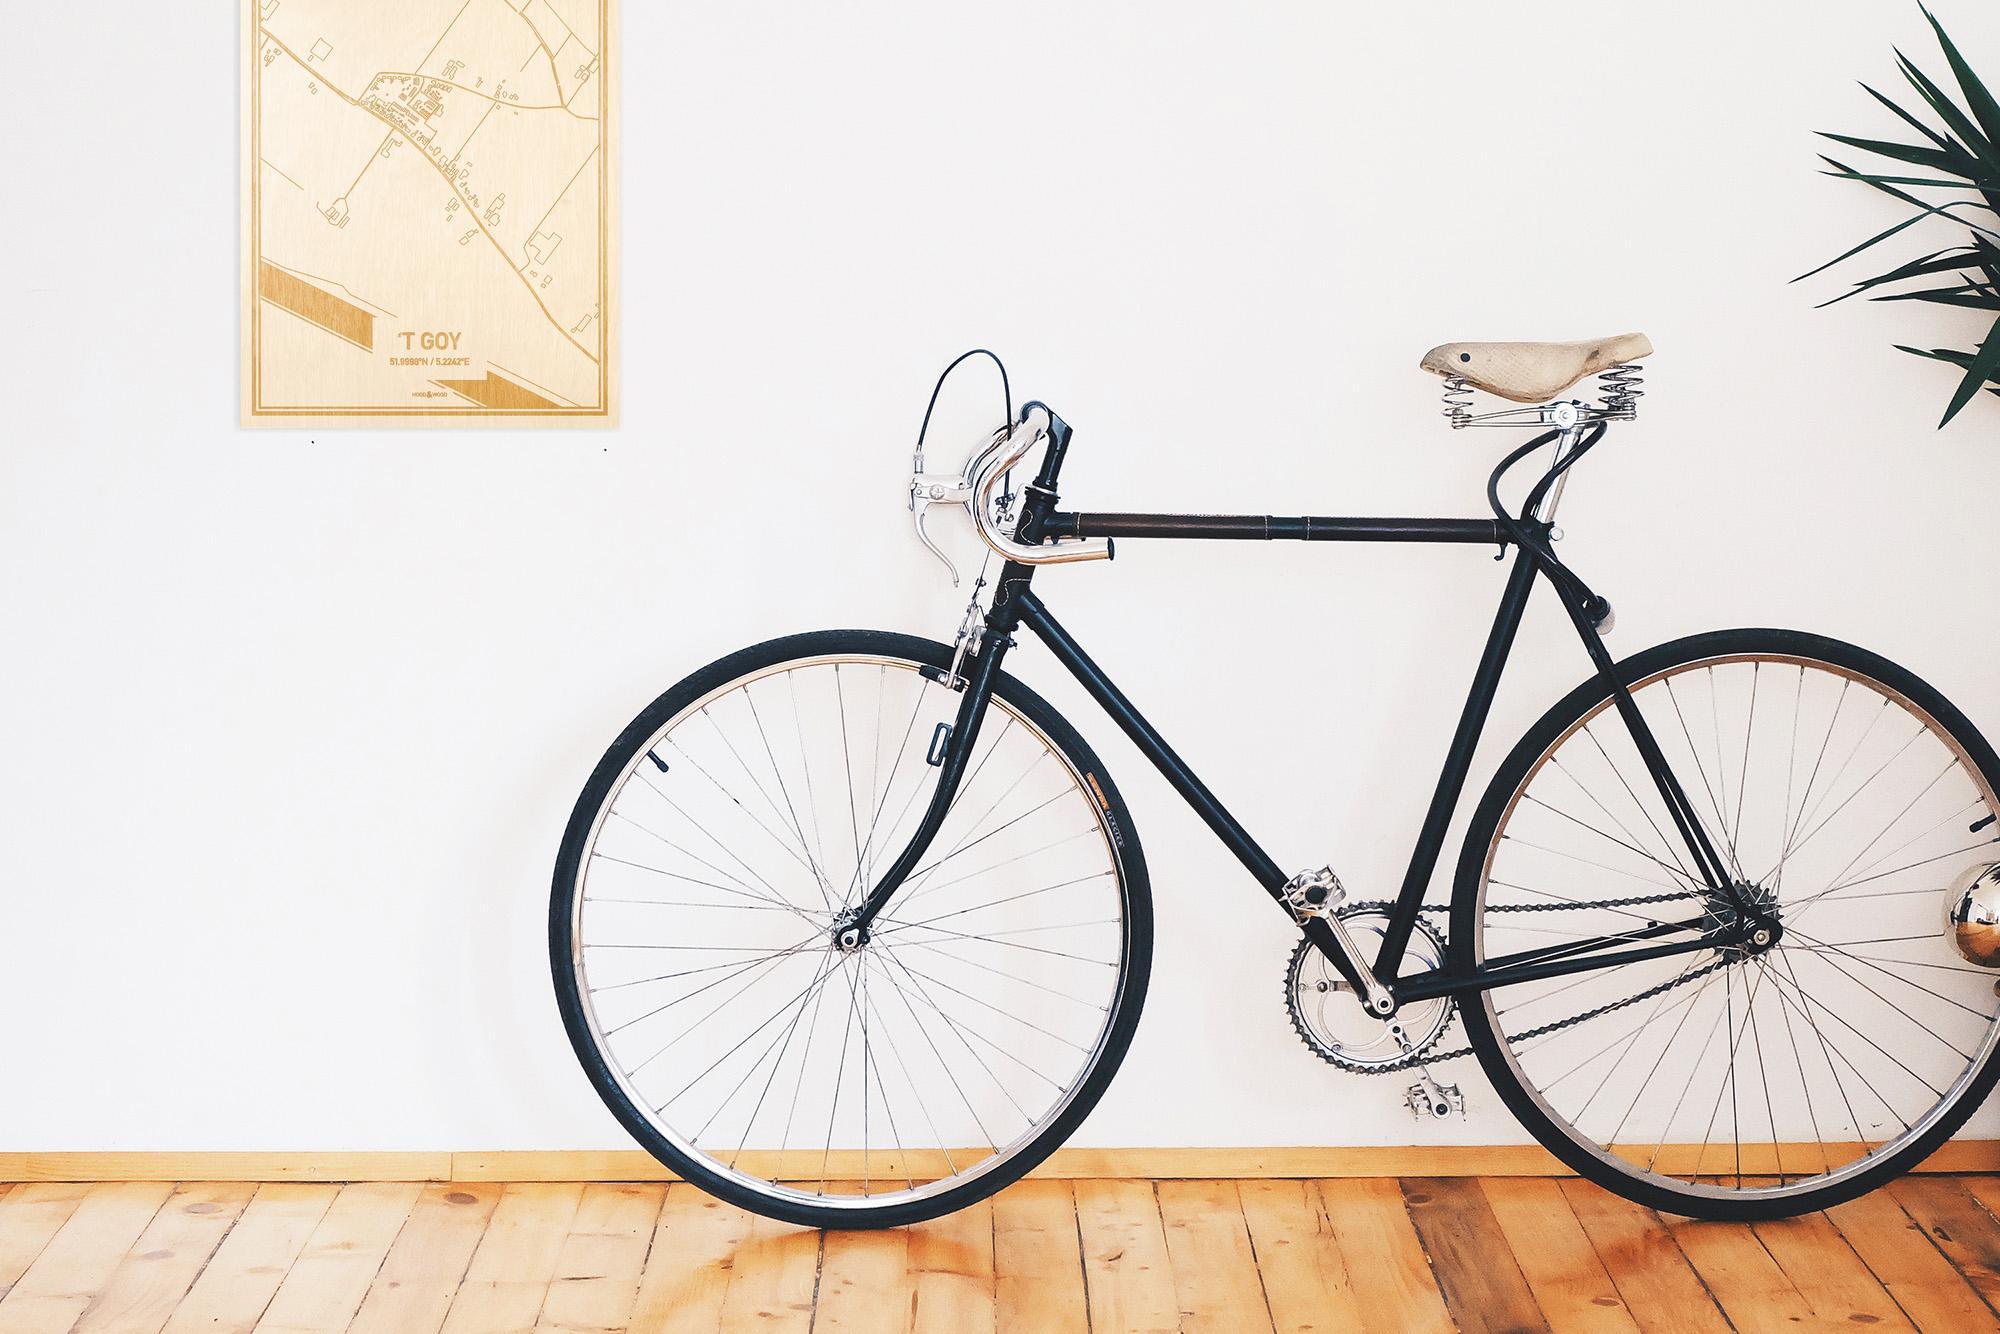 Een snelle fiets in een uniek interieur in Utrecht met mooie decoratie zoals de plattegrond 't Goy.